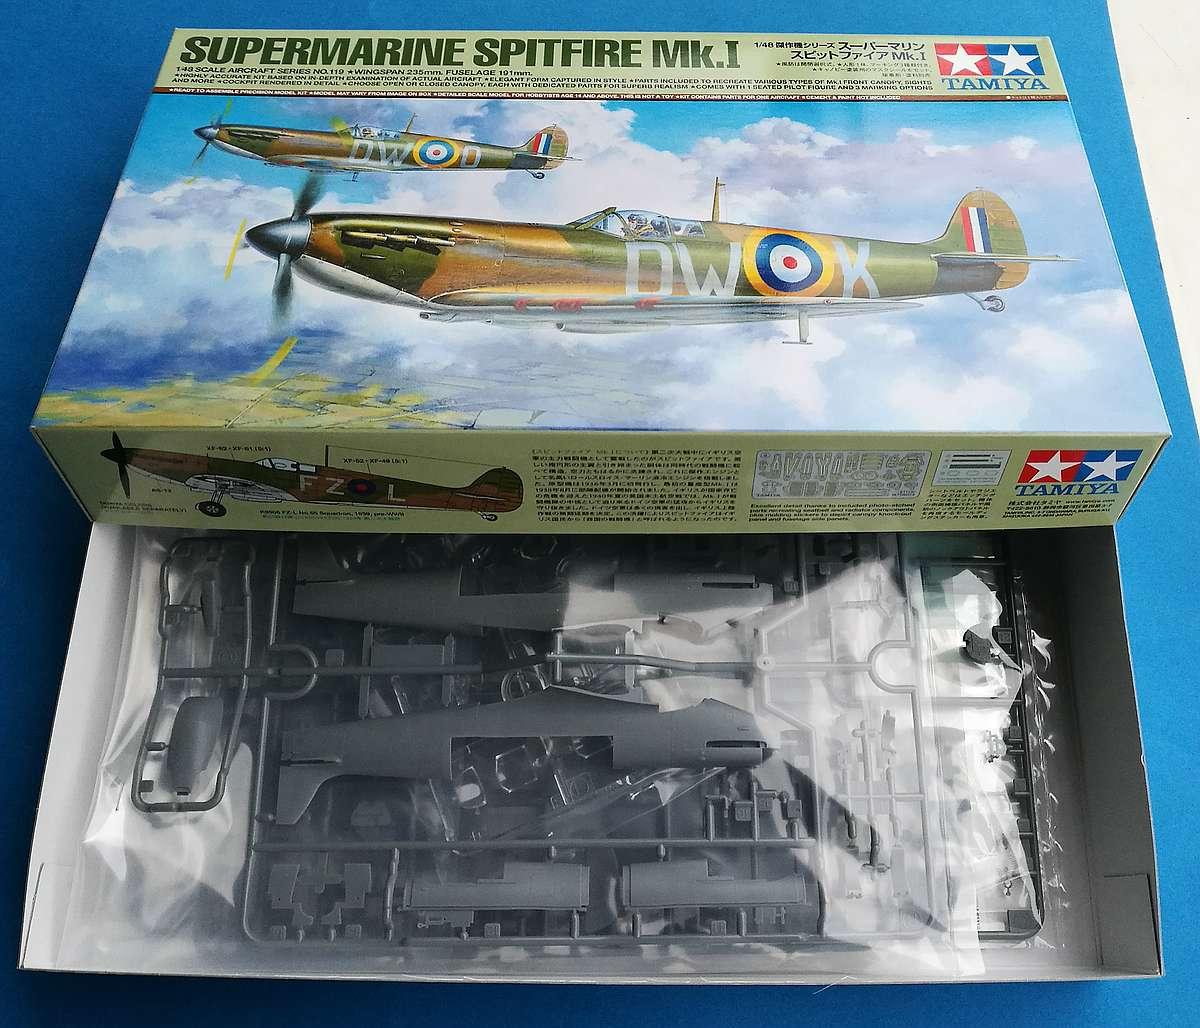 Tamiya-61119-Spitfire-Mk.-I-35 Spitfire Mk. I im Maßstab 1:48 von Tamiya 61119